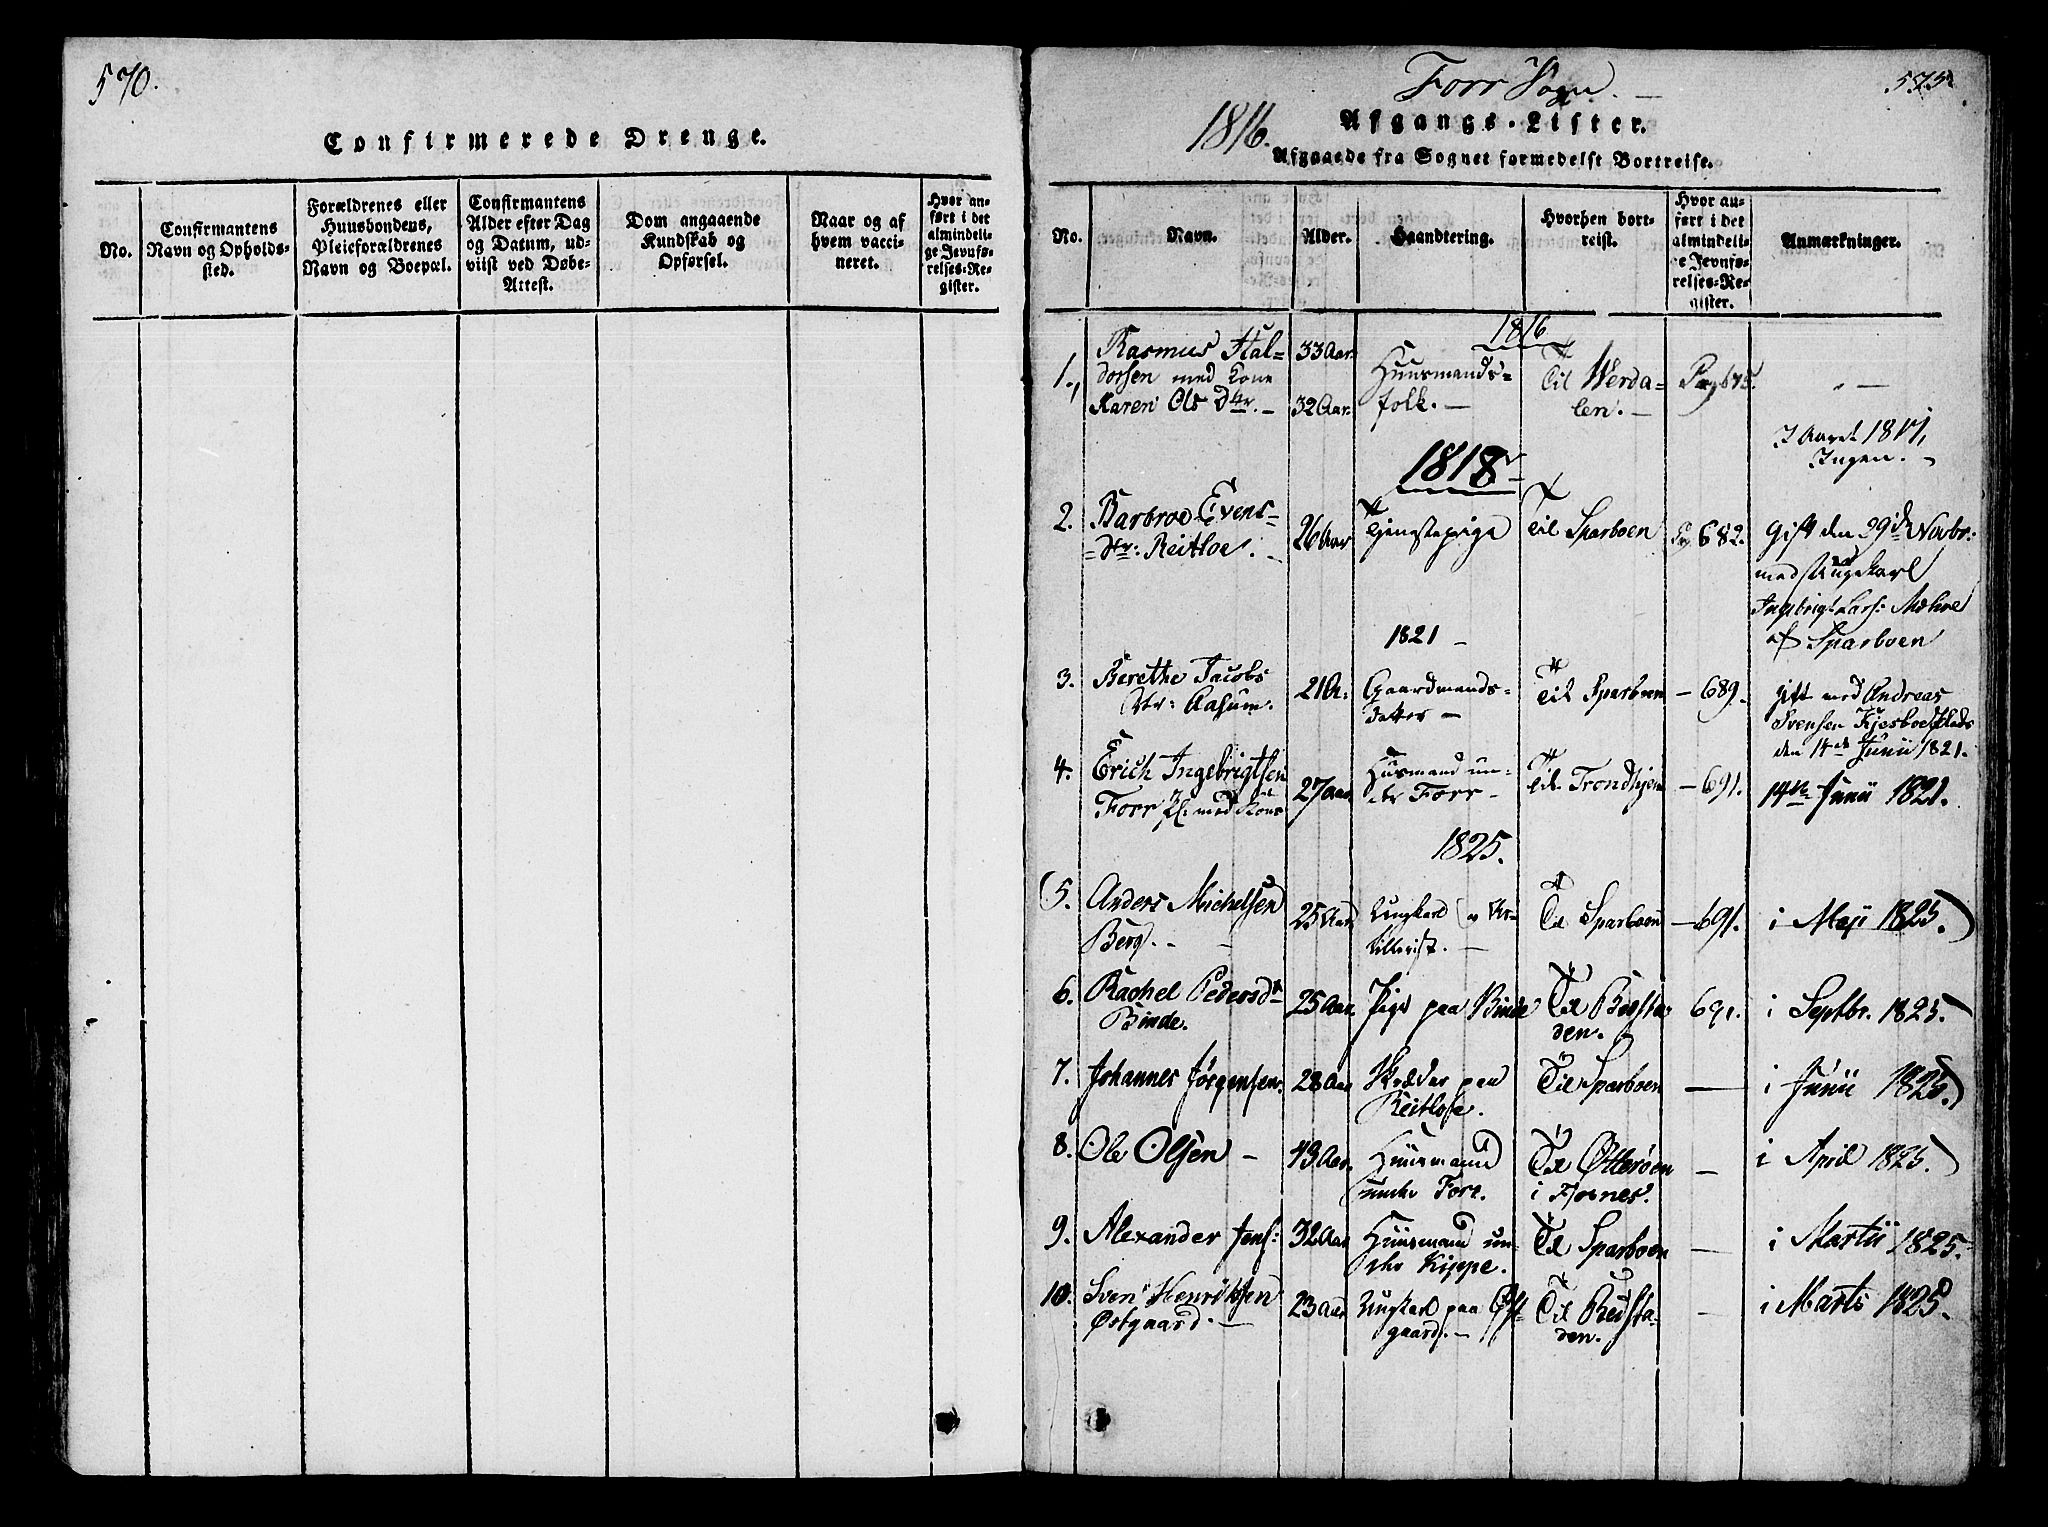 SAT, Ministerialprotokoller, klokkerbøker og fødselsregistre - Nord-Trøndelag, 746/L0441: Ministerialbok nr. 746A03 /1, 1816-1827, s. 570-575